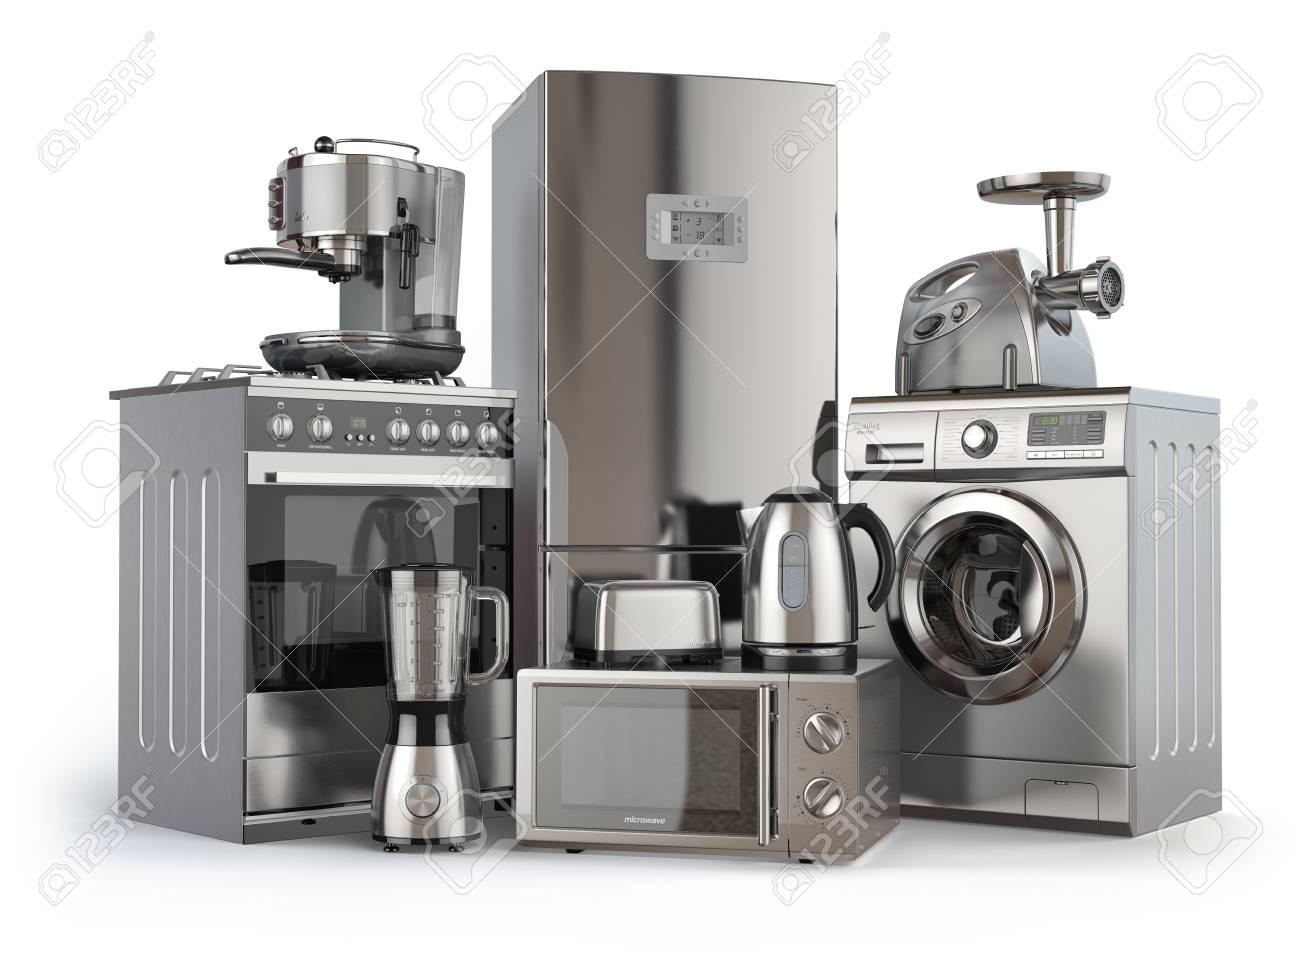 Immagini Stock - Elettrodomestici. Cucina A Gas, Frigorifero, Forno ...